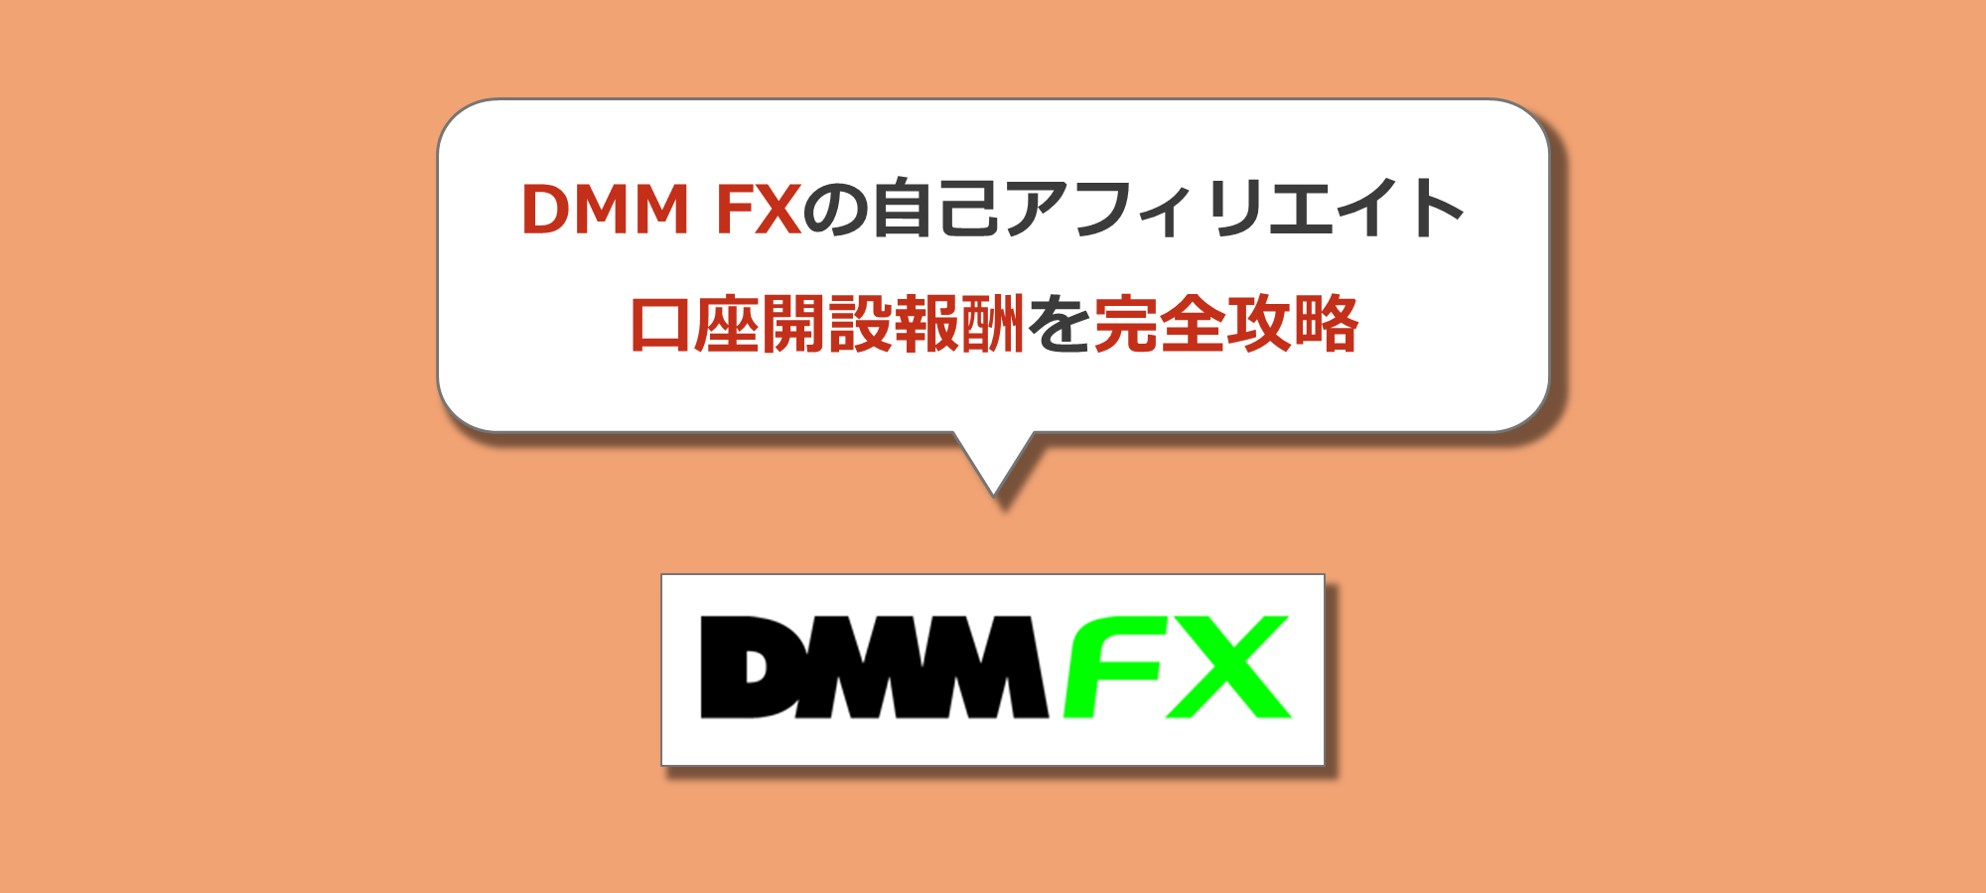 【自己アフィリエイト】DMM FXで報酬を受取る具体的な取引手順